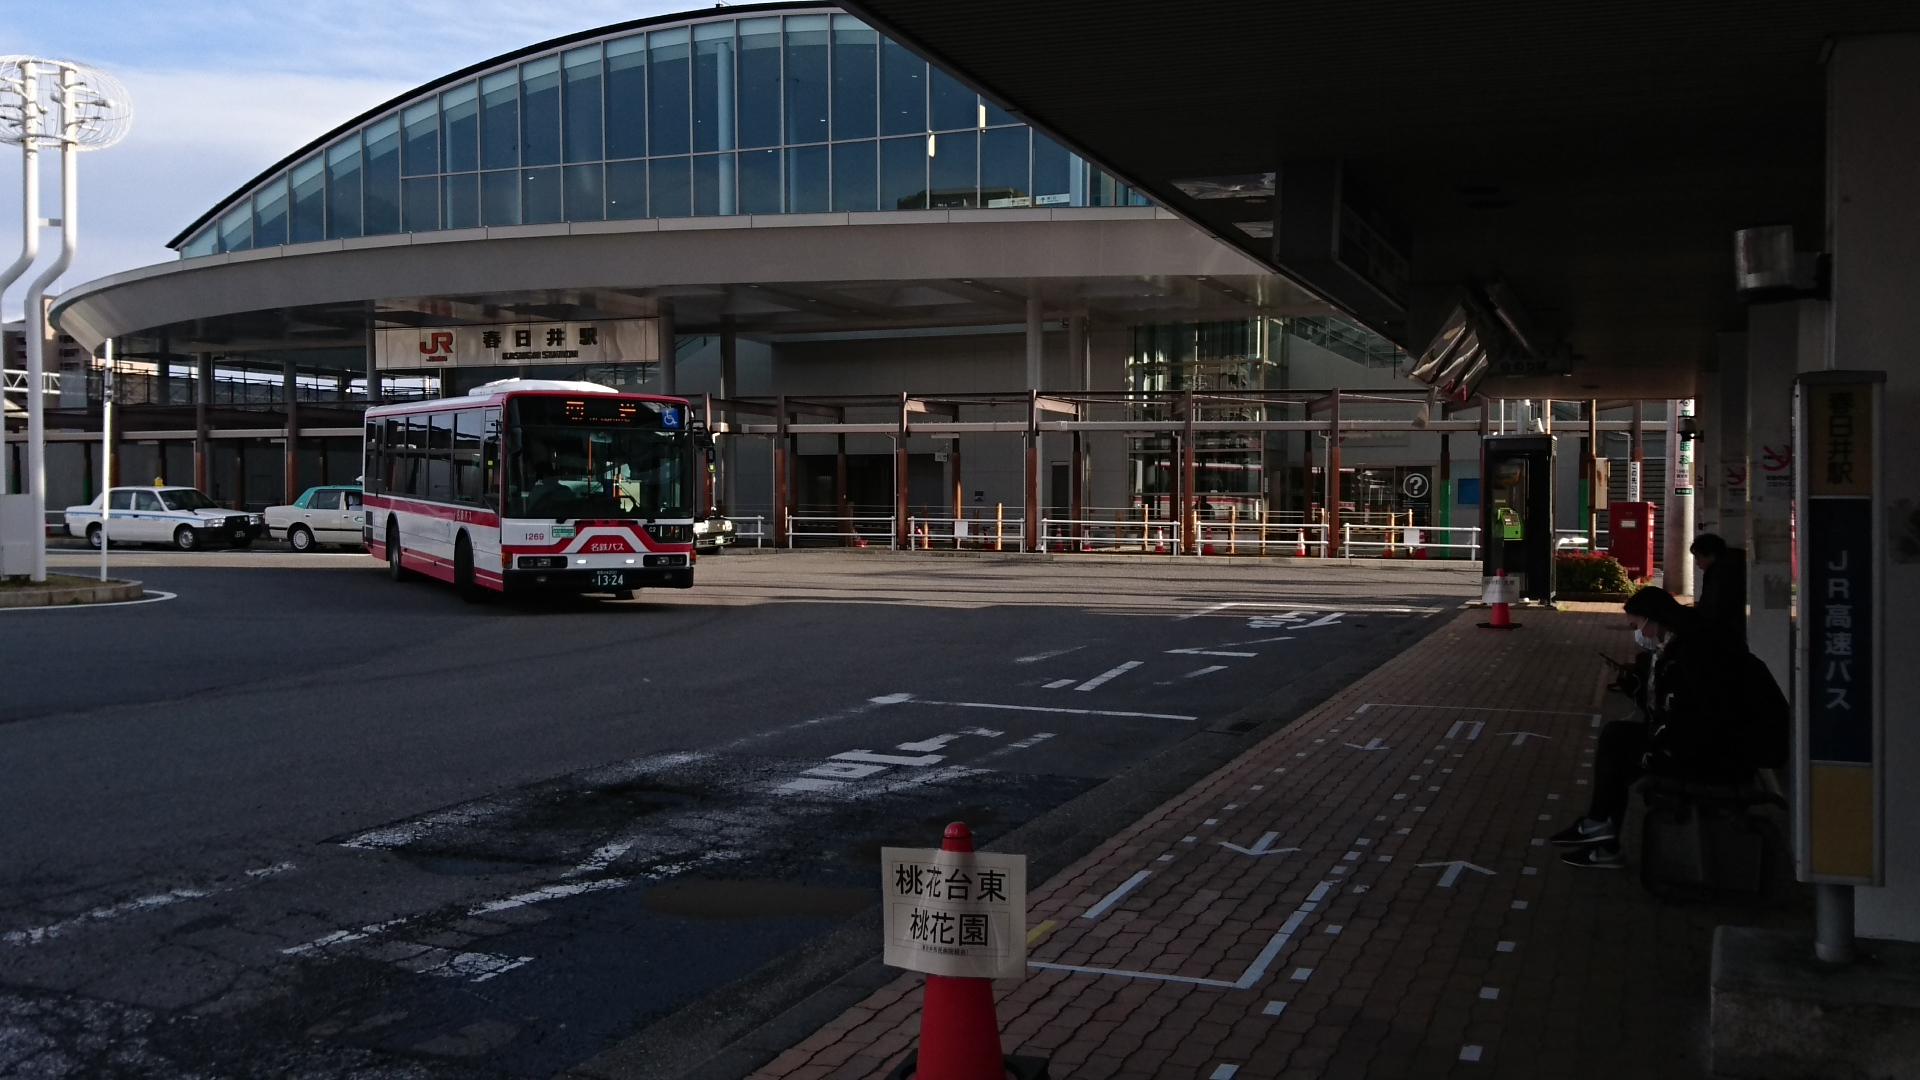 2016.12.14 春日井 (15) 駅舎(みぎ45度から)1920-1080